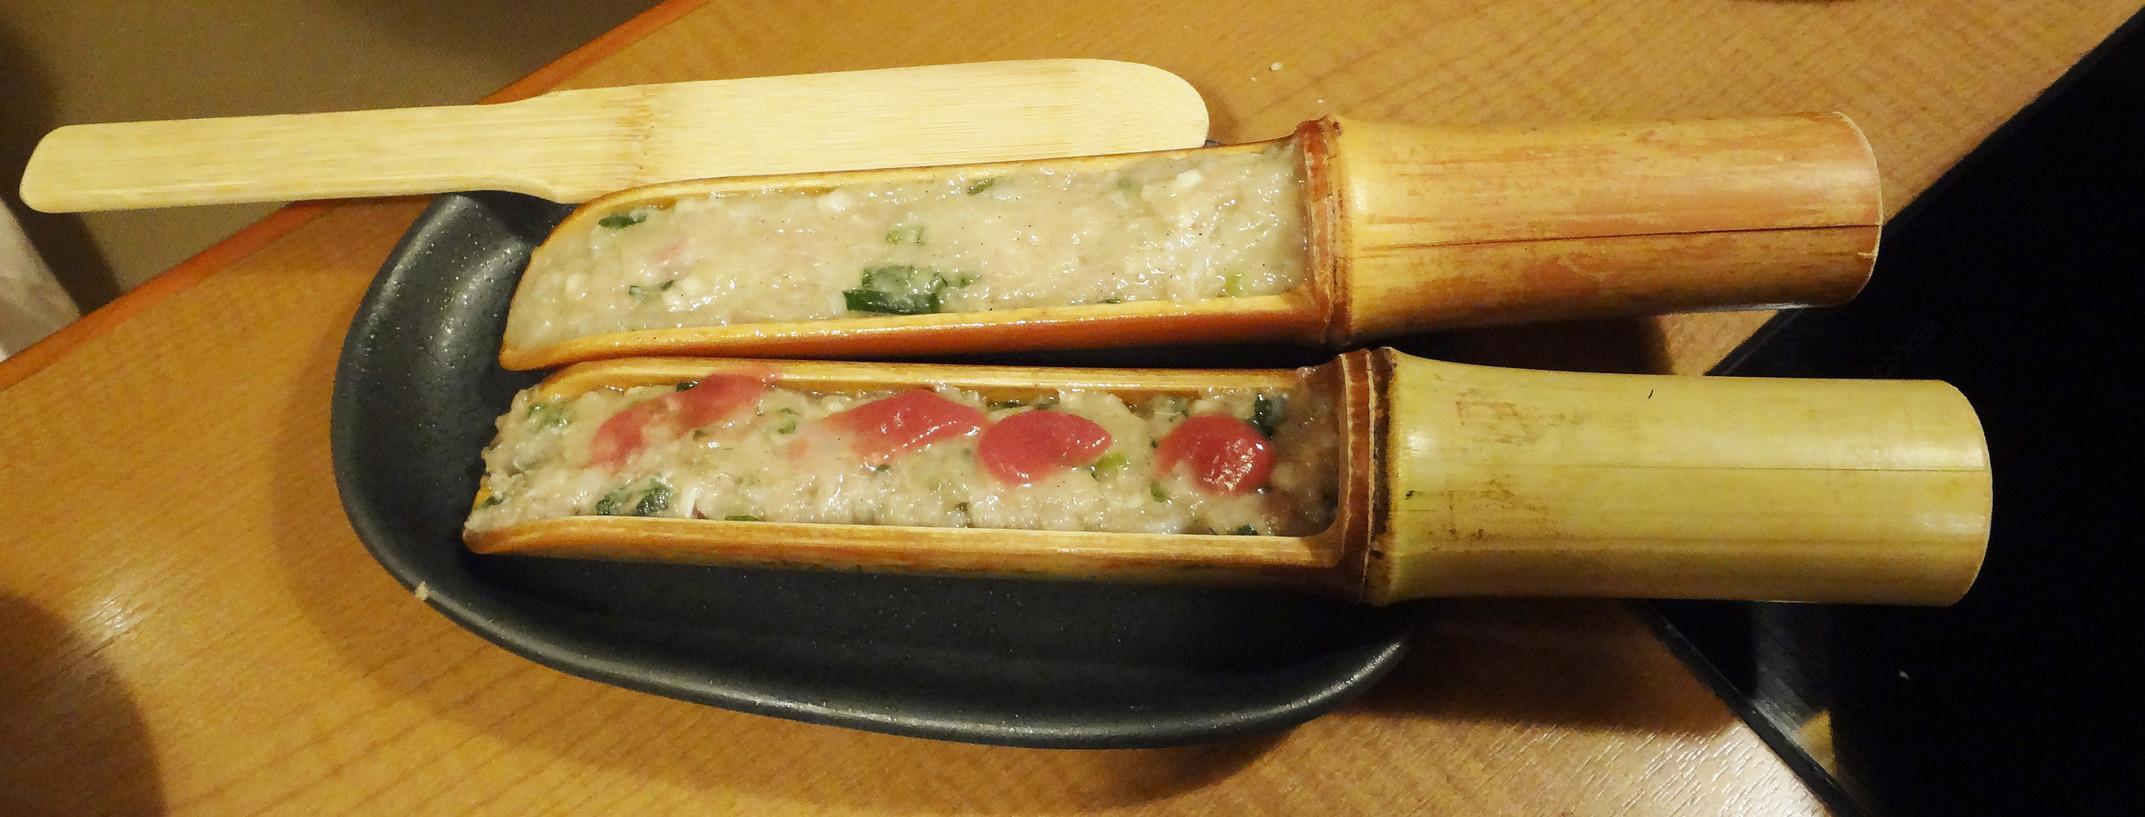 しゃぶしゃぶ 温野菜 新橋店